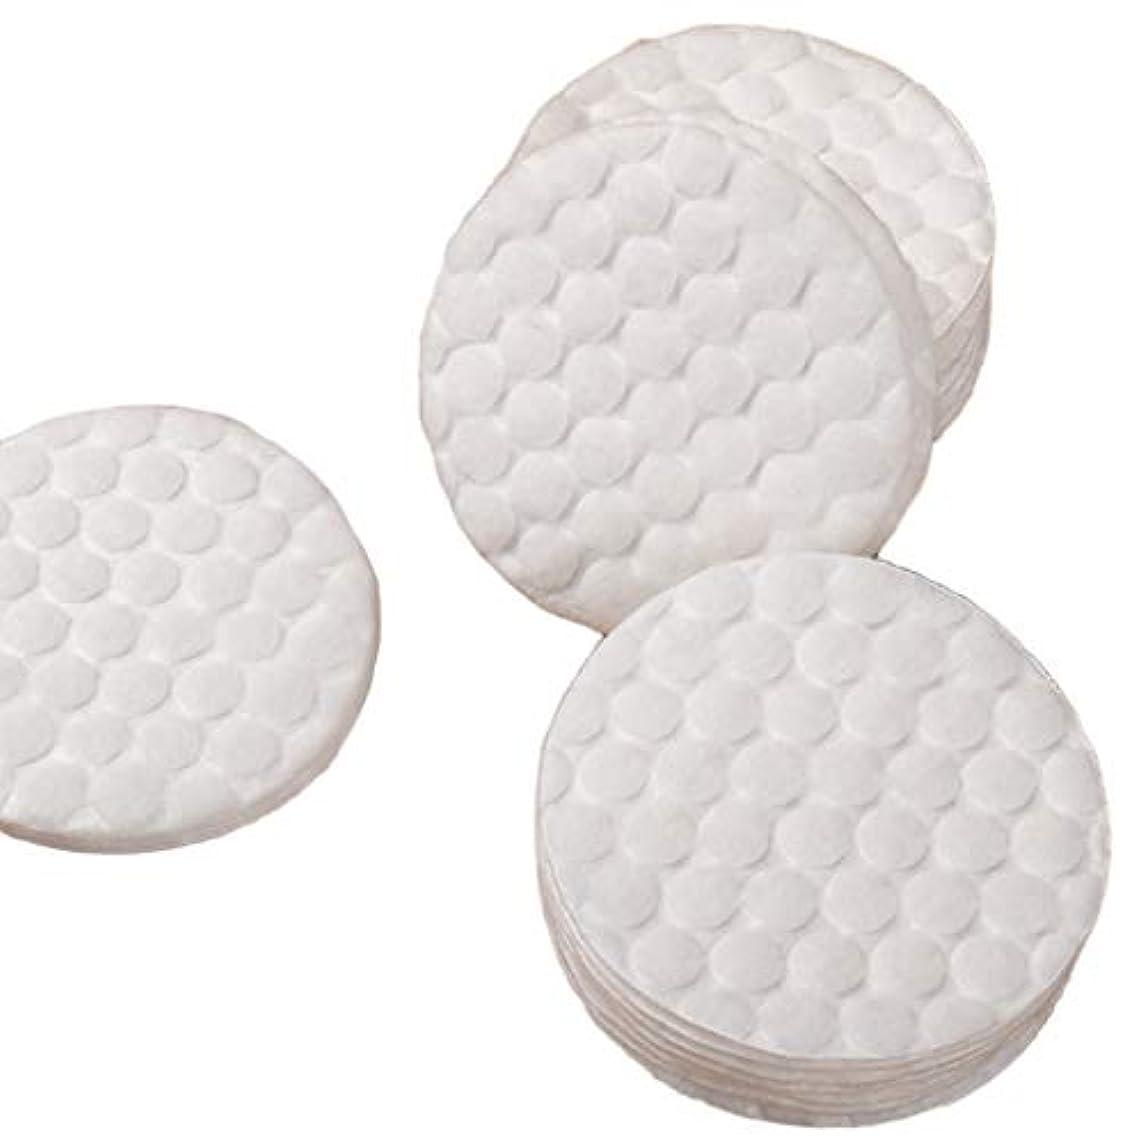 グリル家族倒錯クレンジングシート 60個/バッグメイク落としコットンパッド洗えるワイプクレンジングオイルスキンケアフェイシャルケアメイクアップ化粧品ワイプ (Color : White)